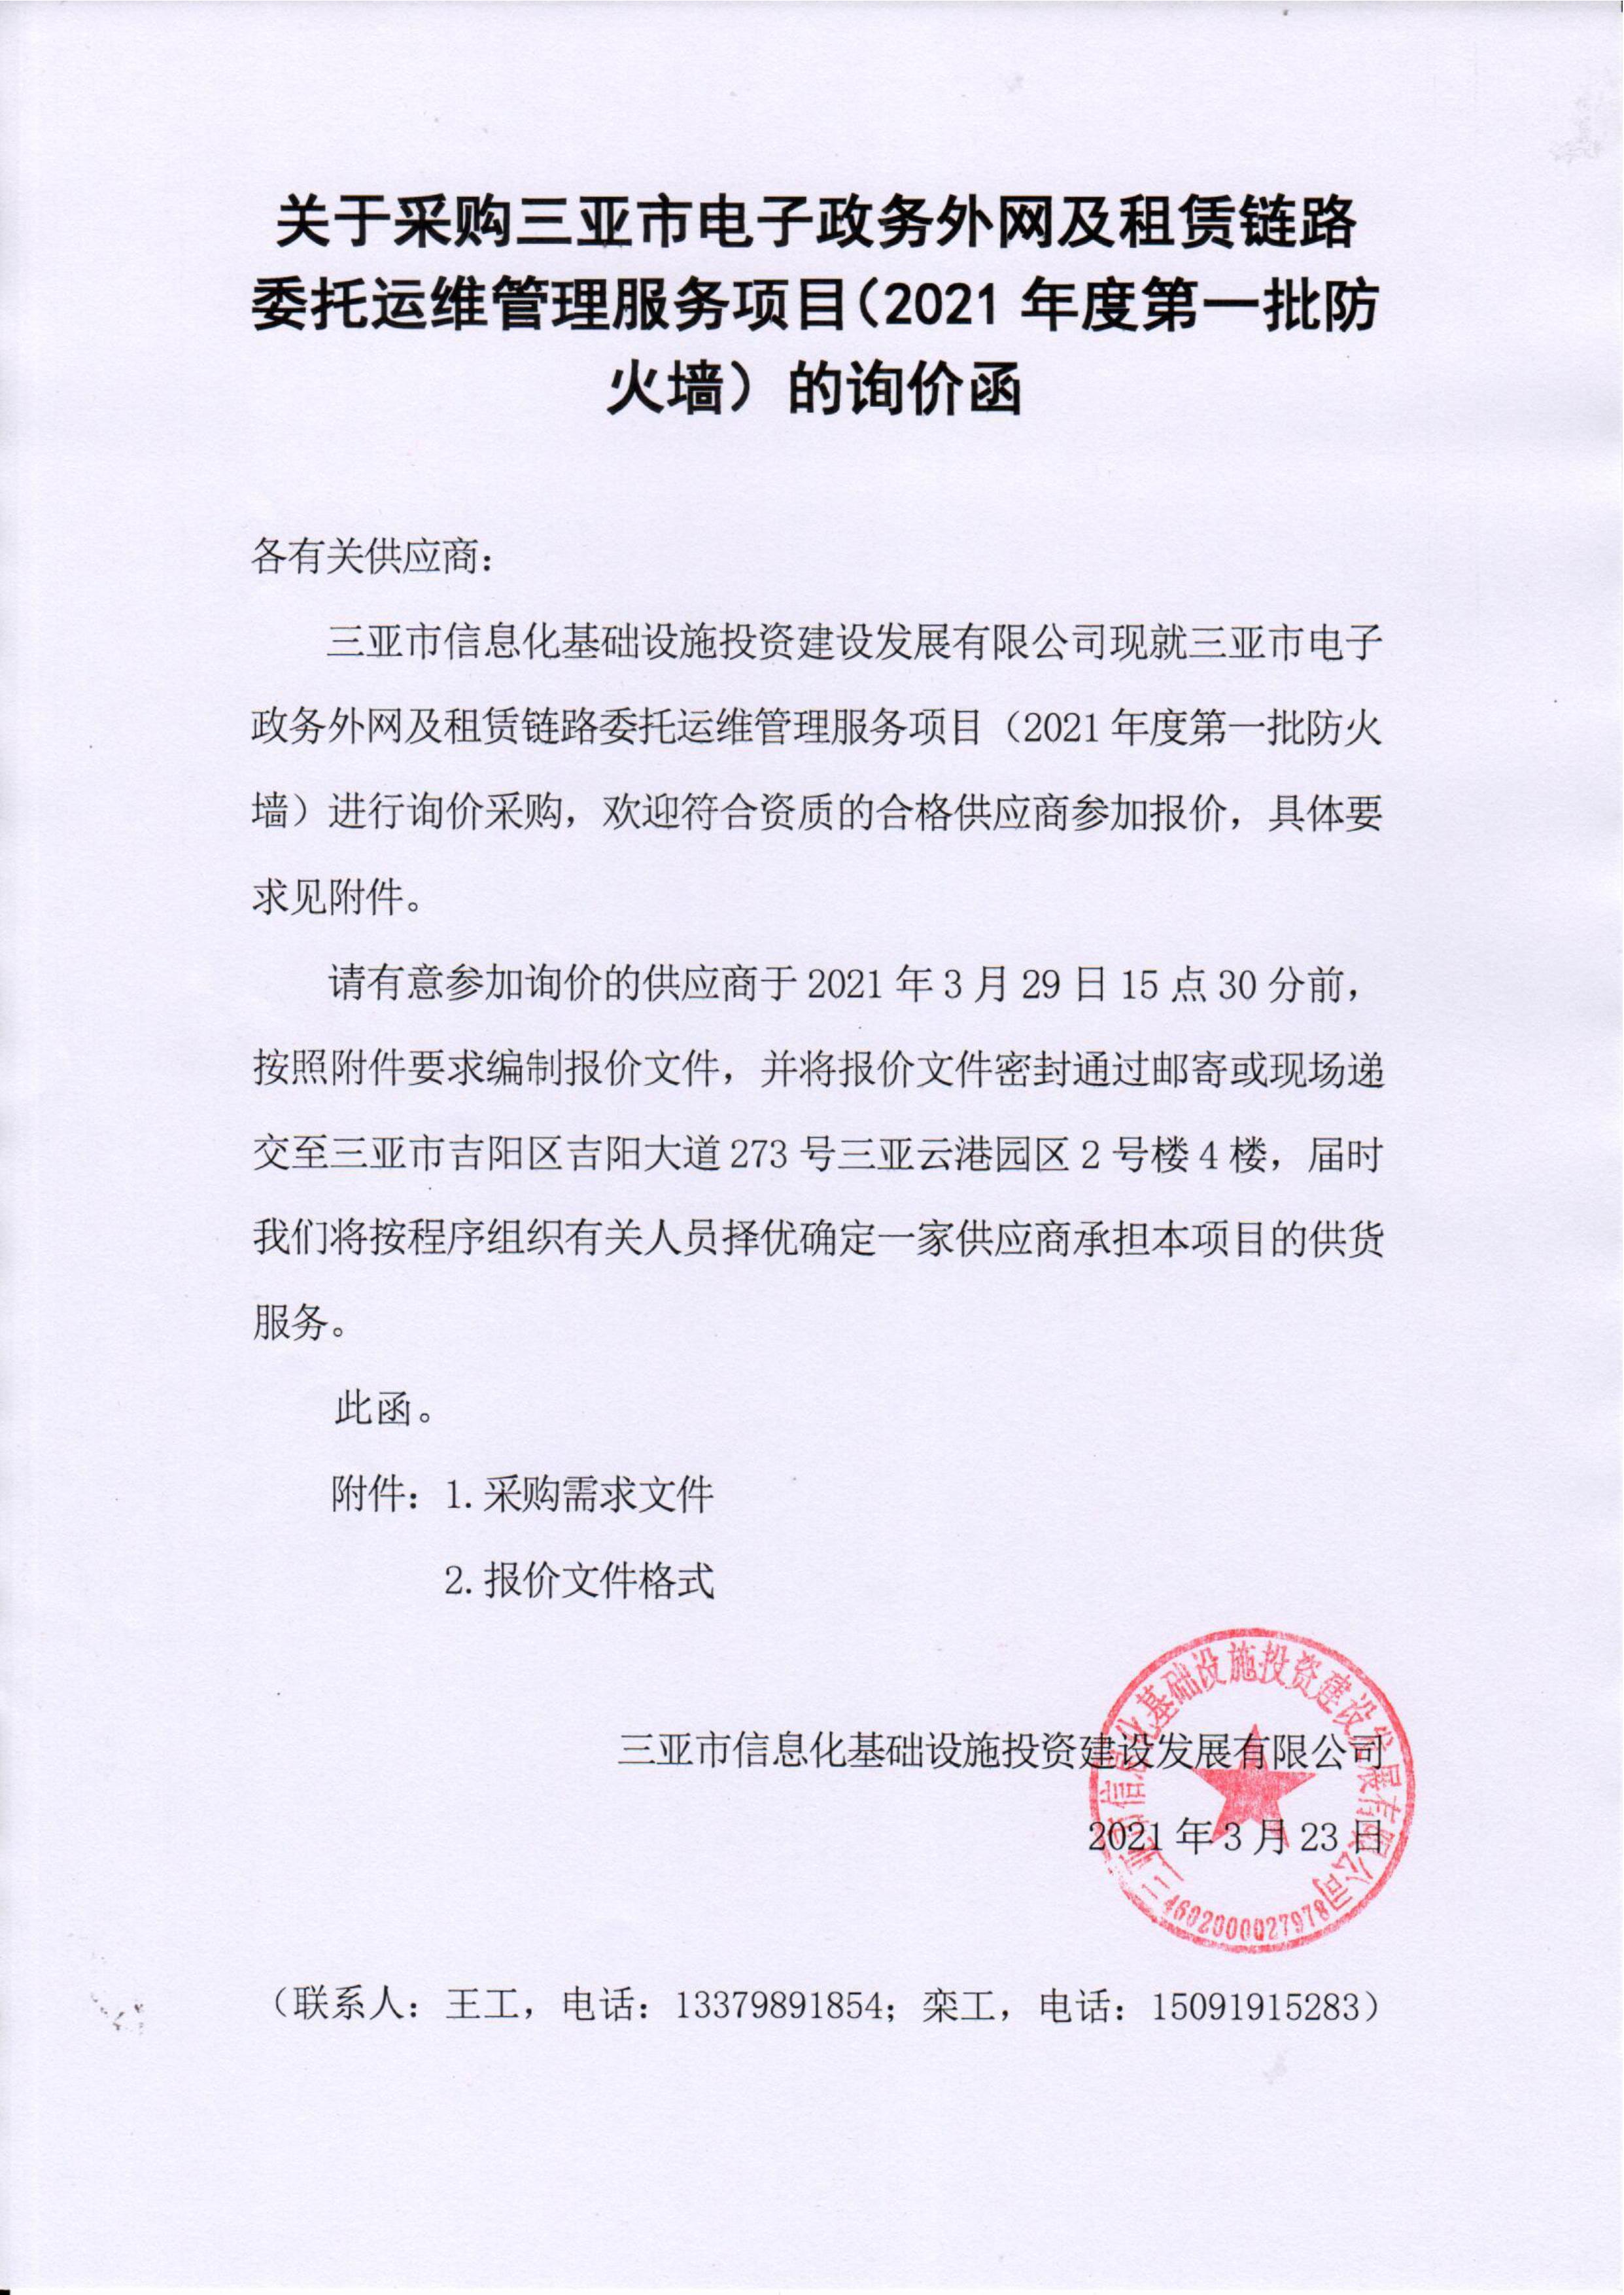 詢價函-三亞市電子政務外網及租賃鏈路委托運維管理服務項目(2021年度第一批防火墻).jpg